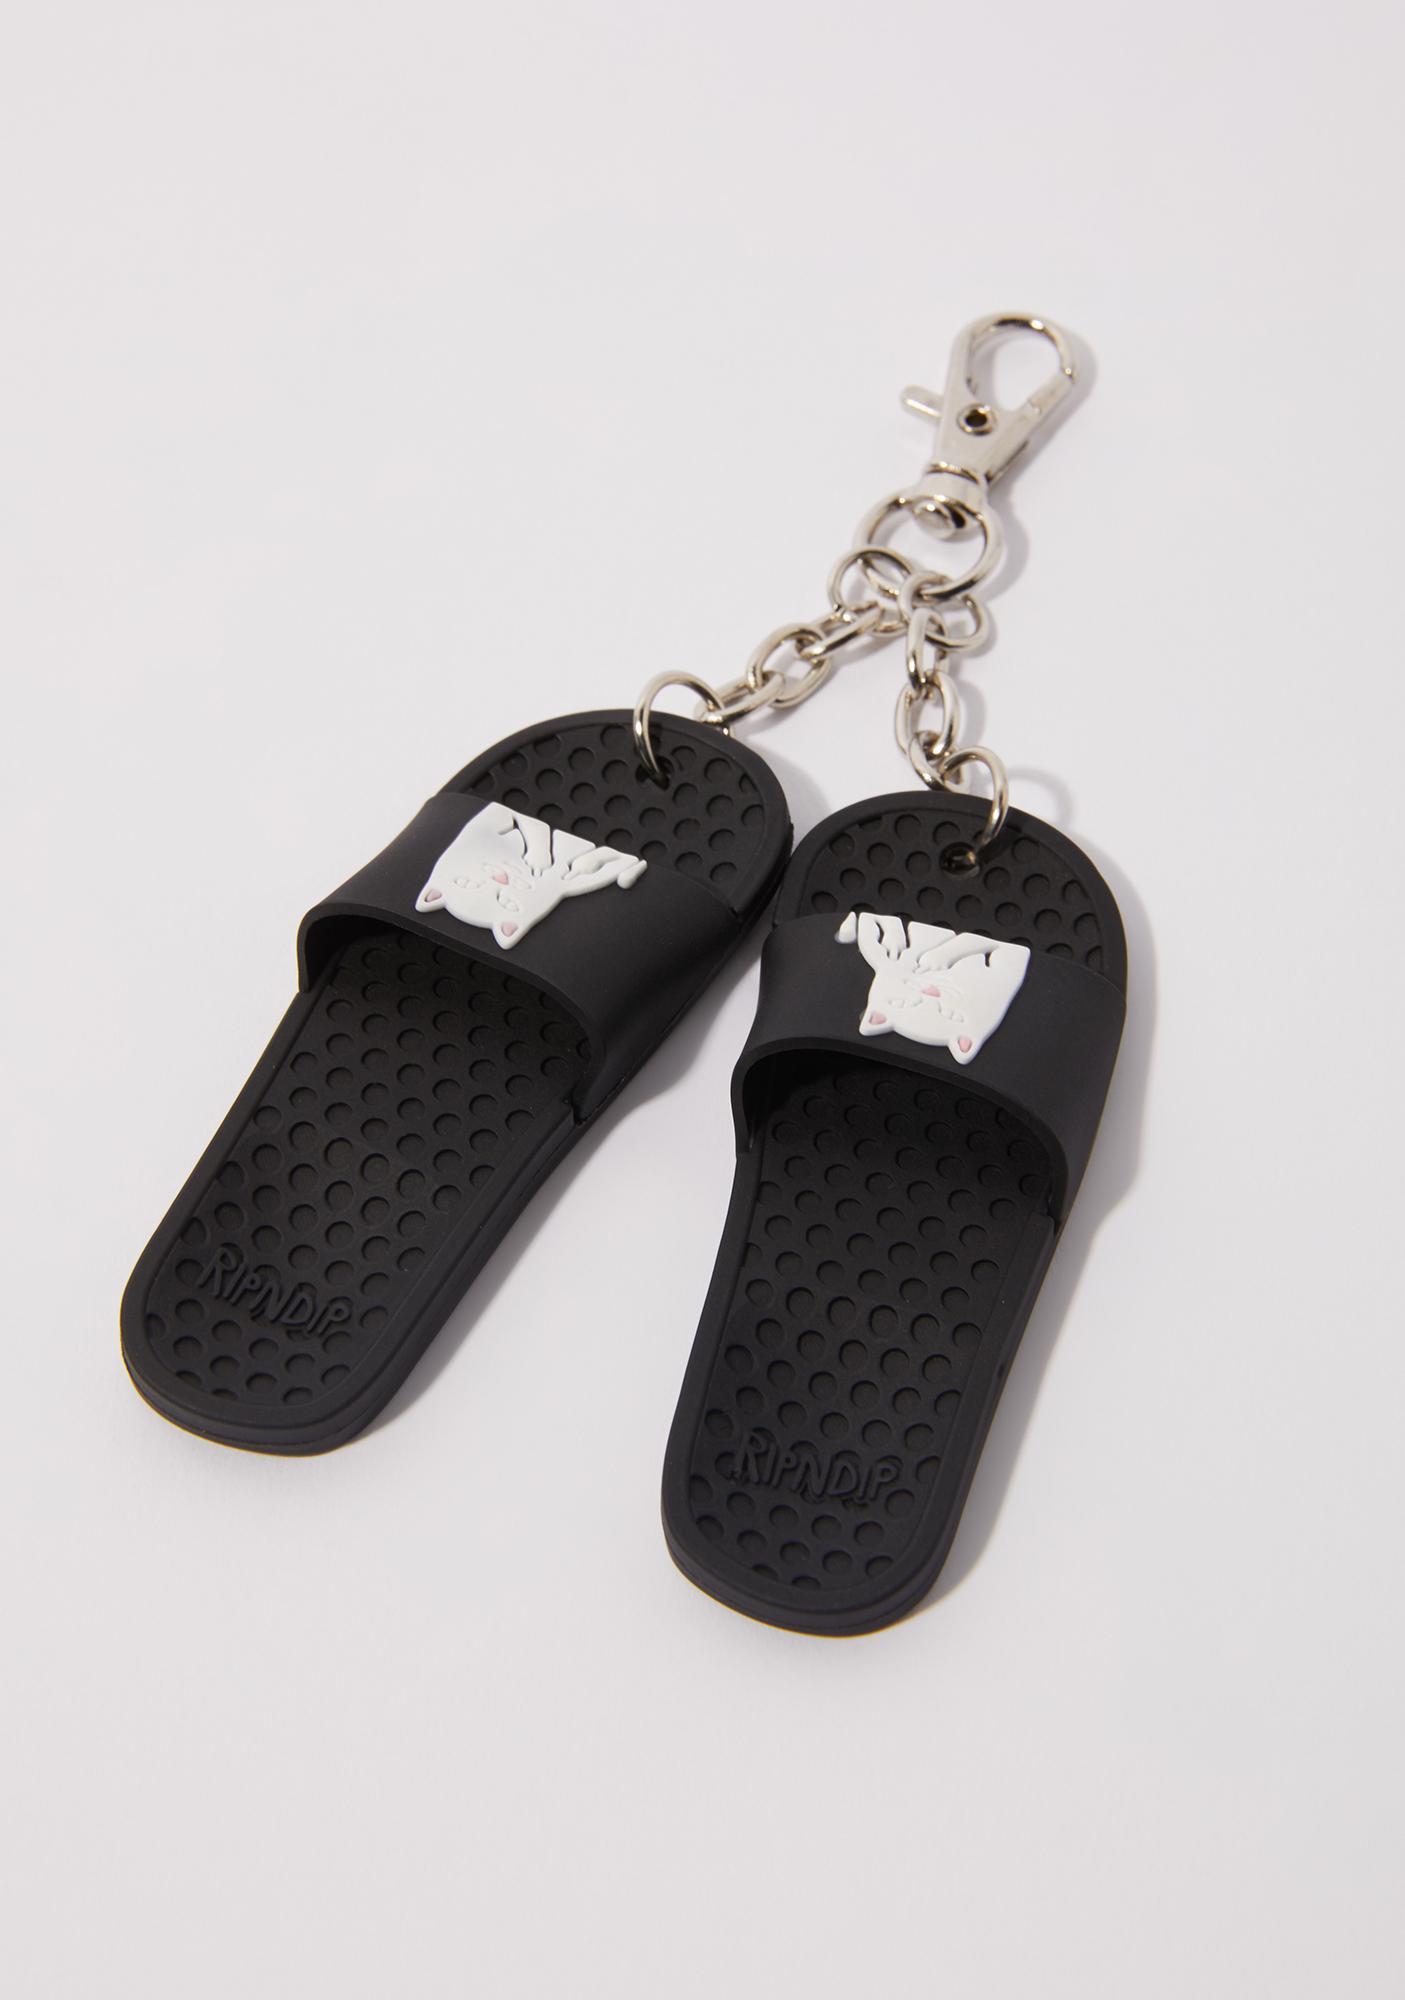 RIPNDIP Lord Nermal Mini Slides Keychain